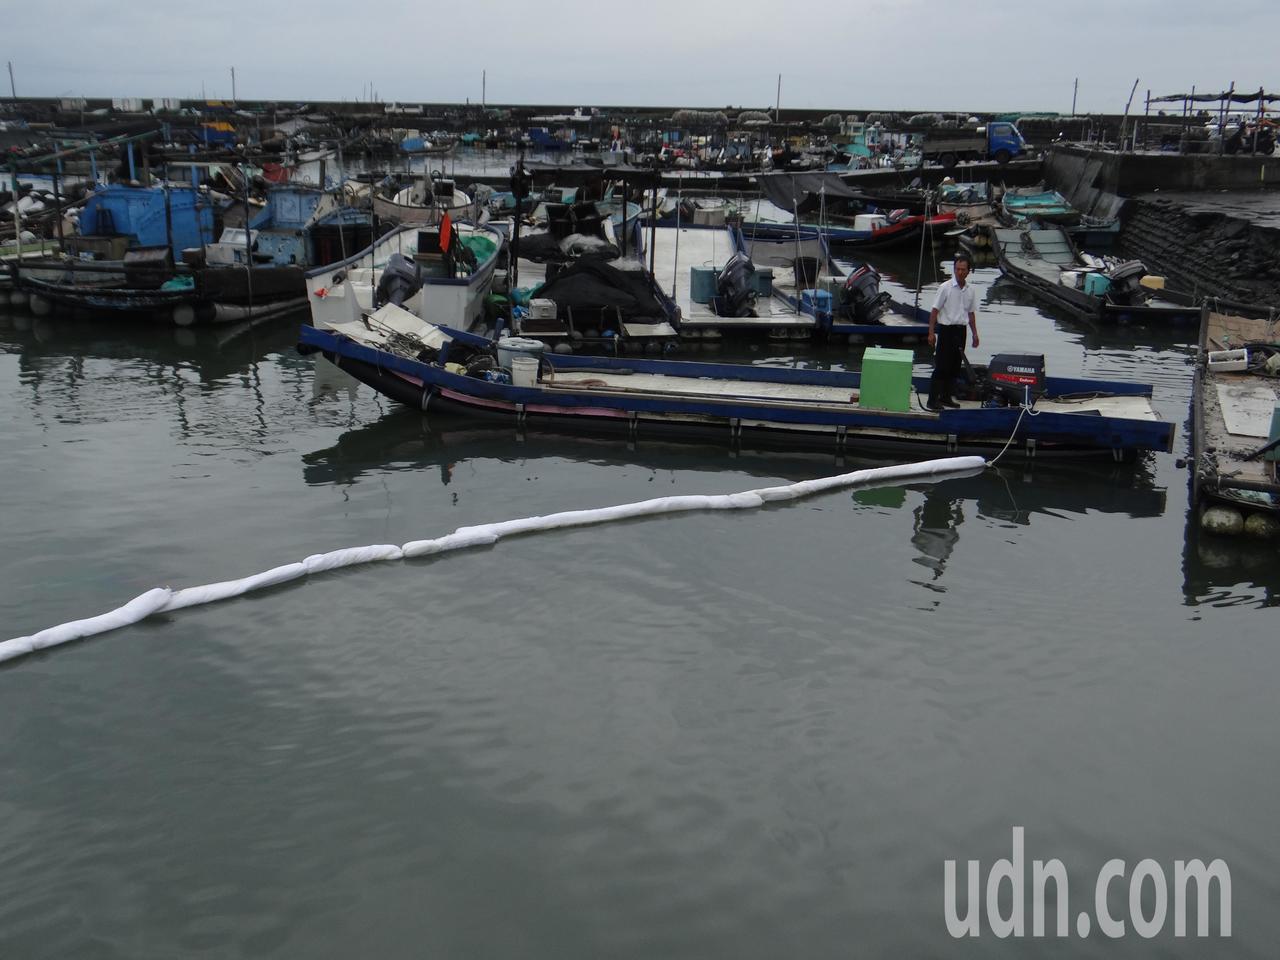 環保局在漁港出口架設攔油繩,以防油漬流出外海。記者蔡維斌/攝影